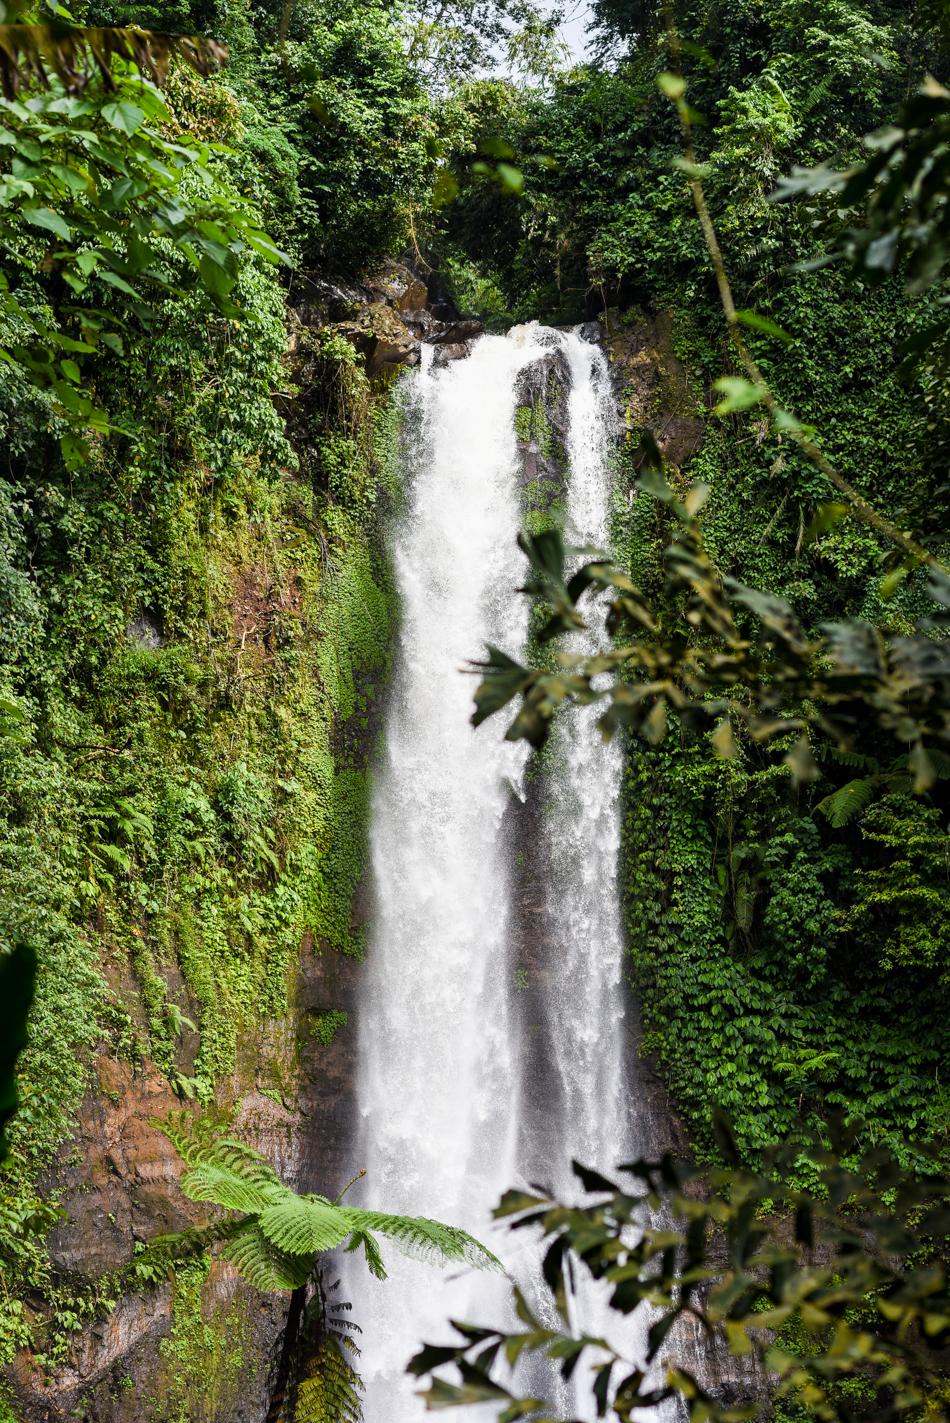 Bali-Honeymoon-Travel-AnaisStoelen-52.jpg